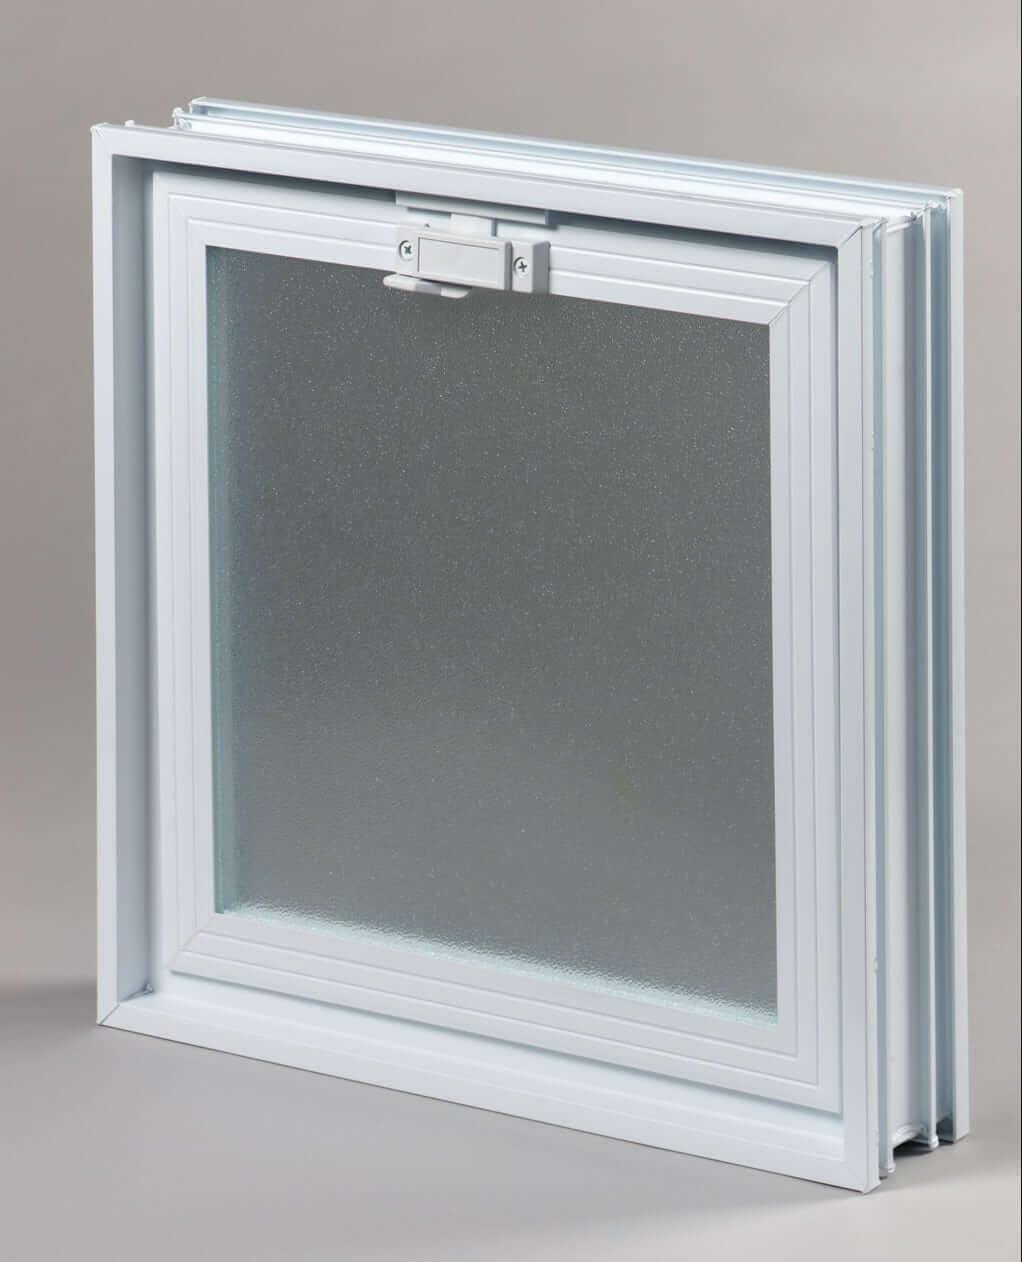 Okno wentylacyjne do luksferów Okienko wentylacyjne (went) 2 x 2 do luksferów